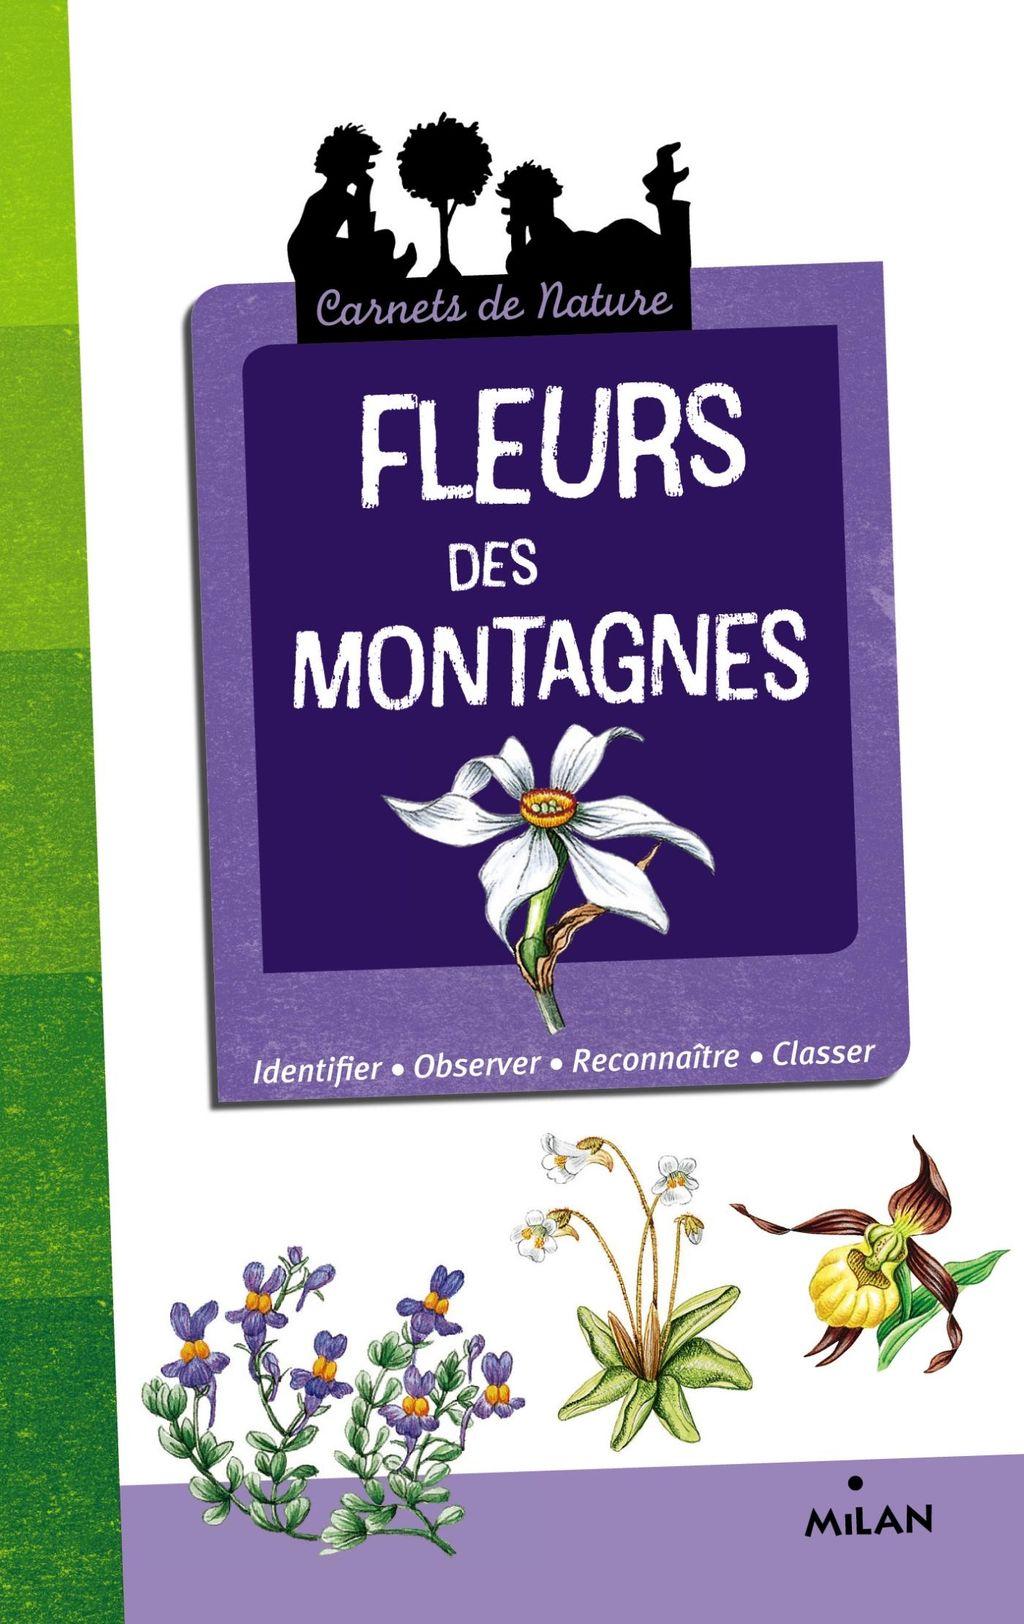 «Fleurs des montagnes» cover